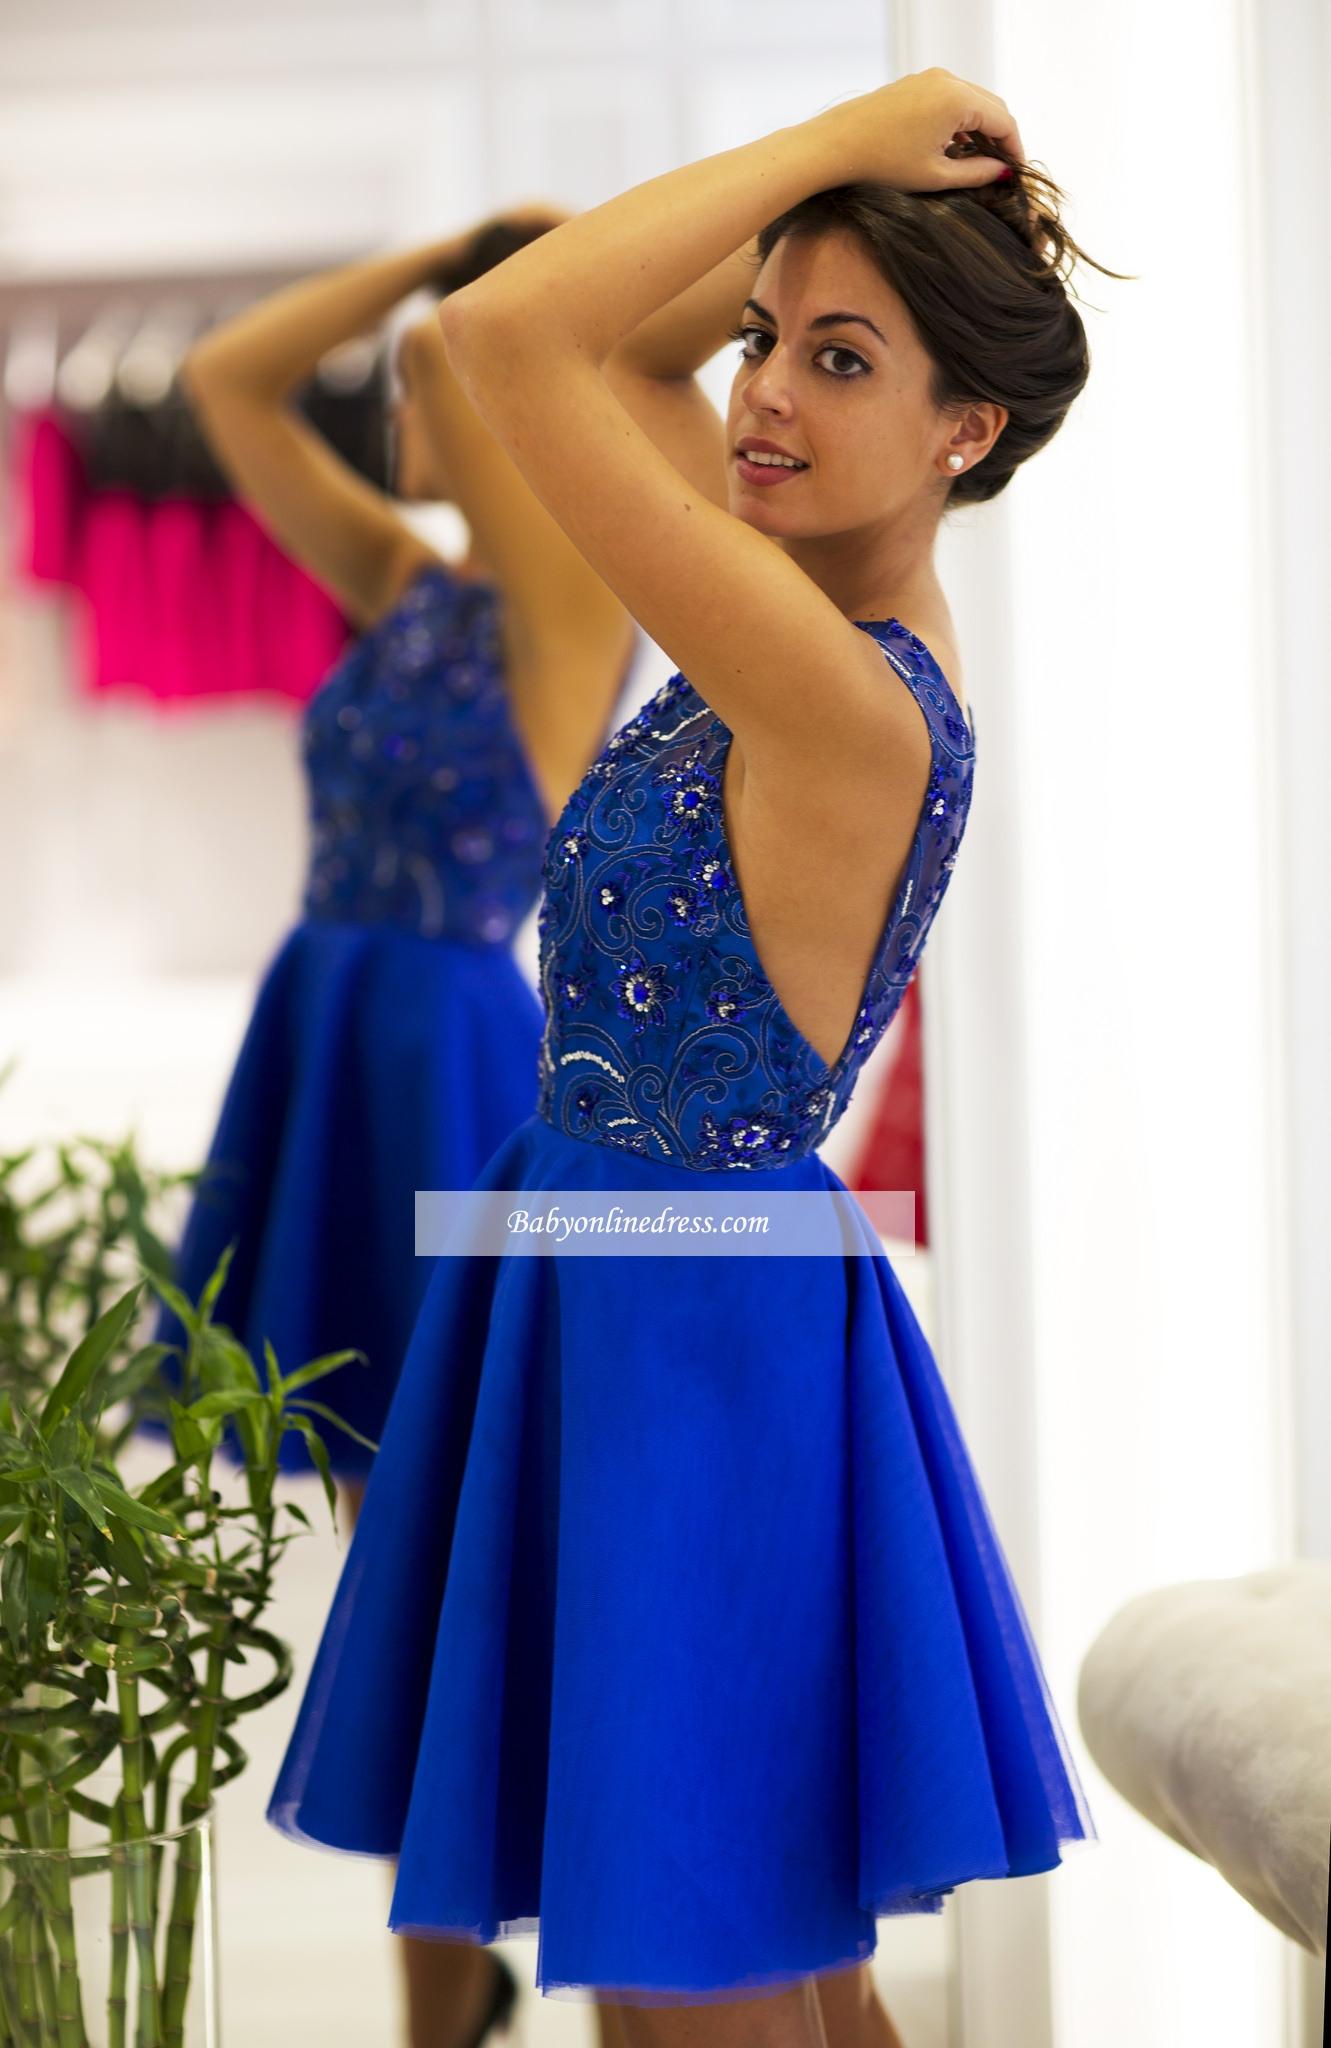 15 Ausgezeichnet Blaue Abend Kleider Vertrieb10 Einzigartig Blaue Abend Kleider Design